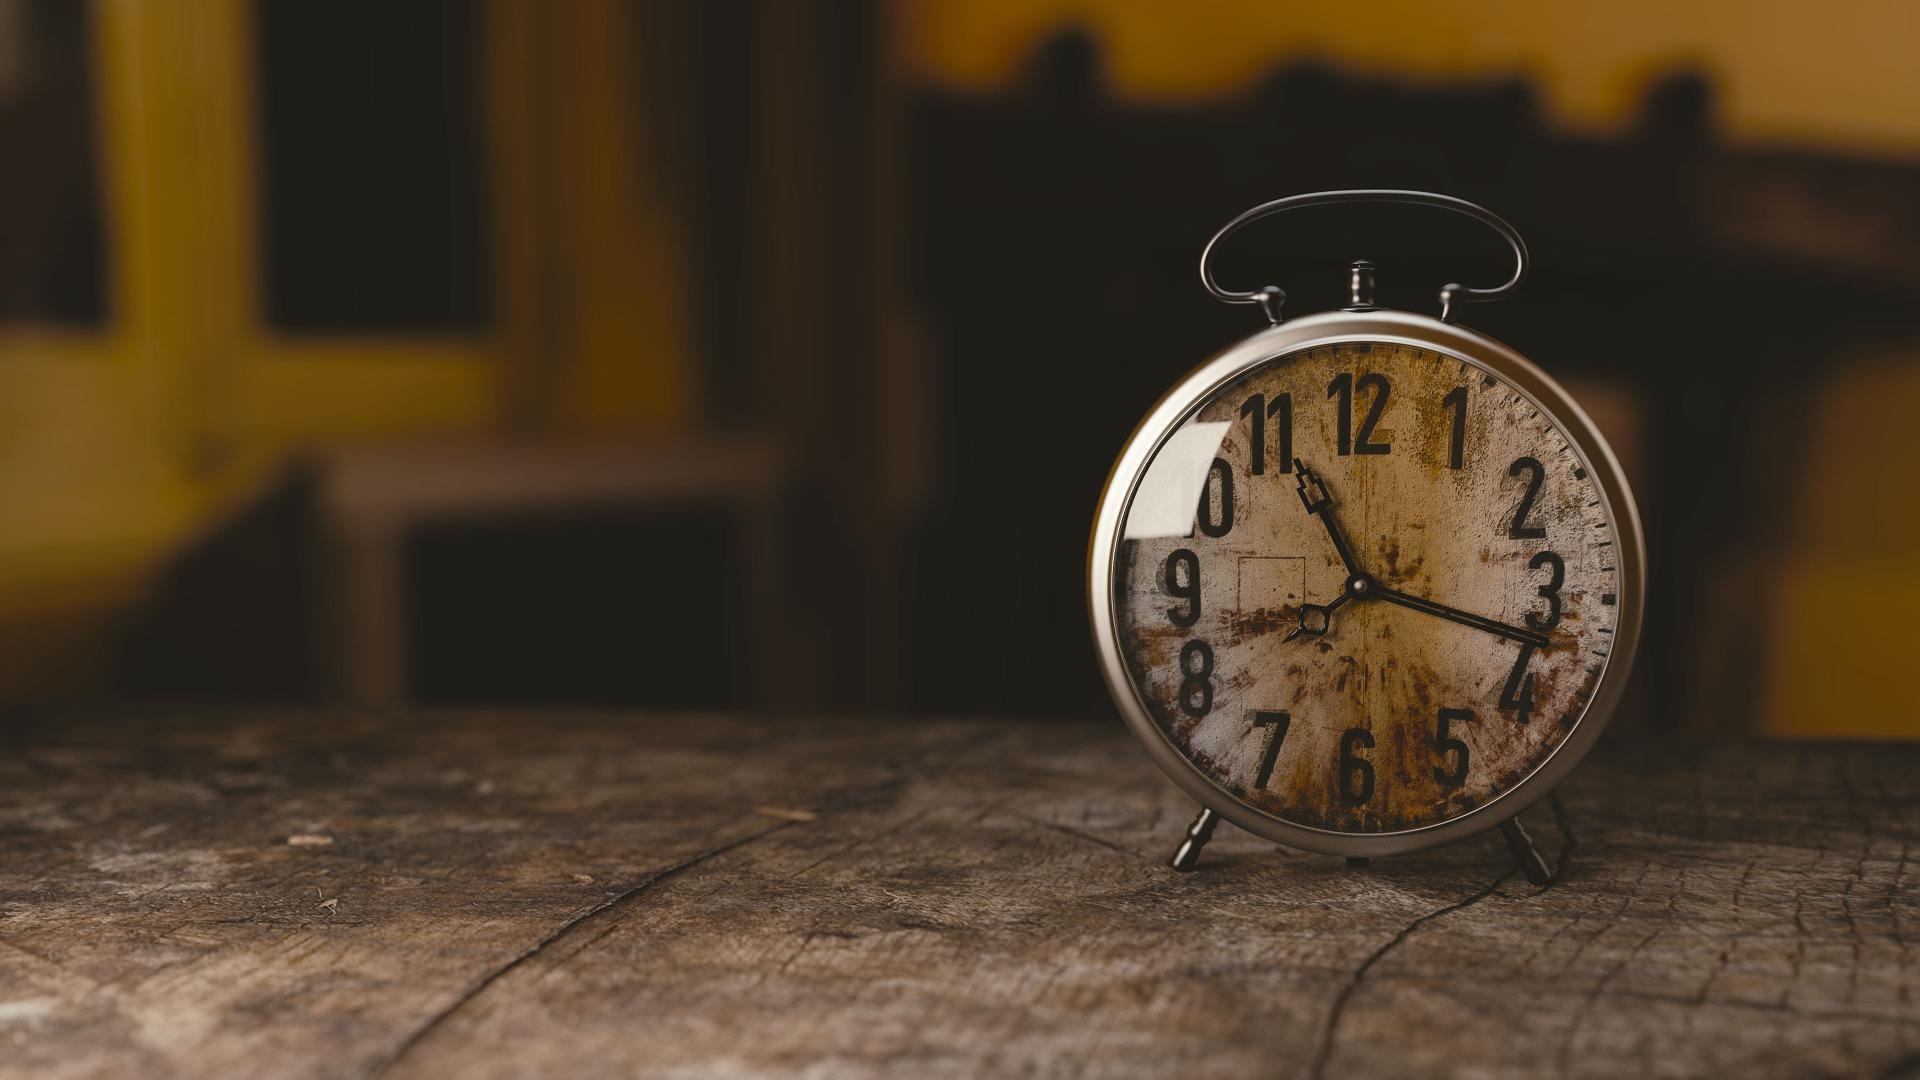 Ρολόι, Ξυπνητήρι, χρόνος, Συναγερμός, ώρες, παλιά, παλιάς χρονολογίας - Wallpapers HD - Professor-falken.com